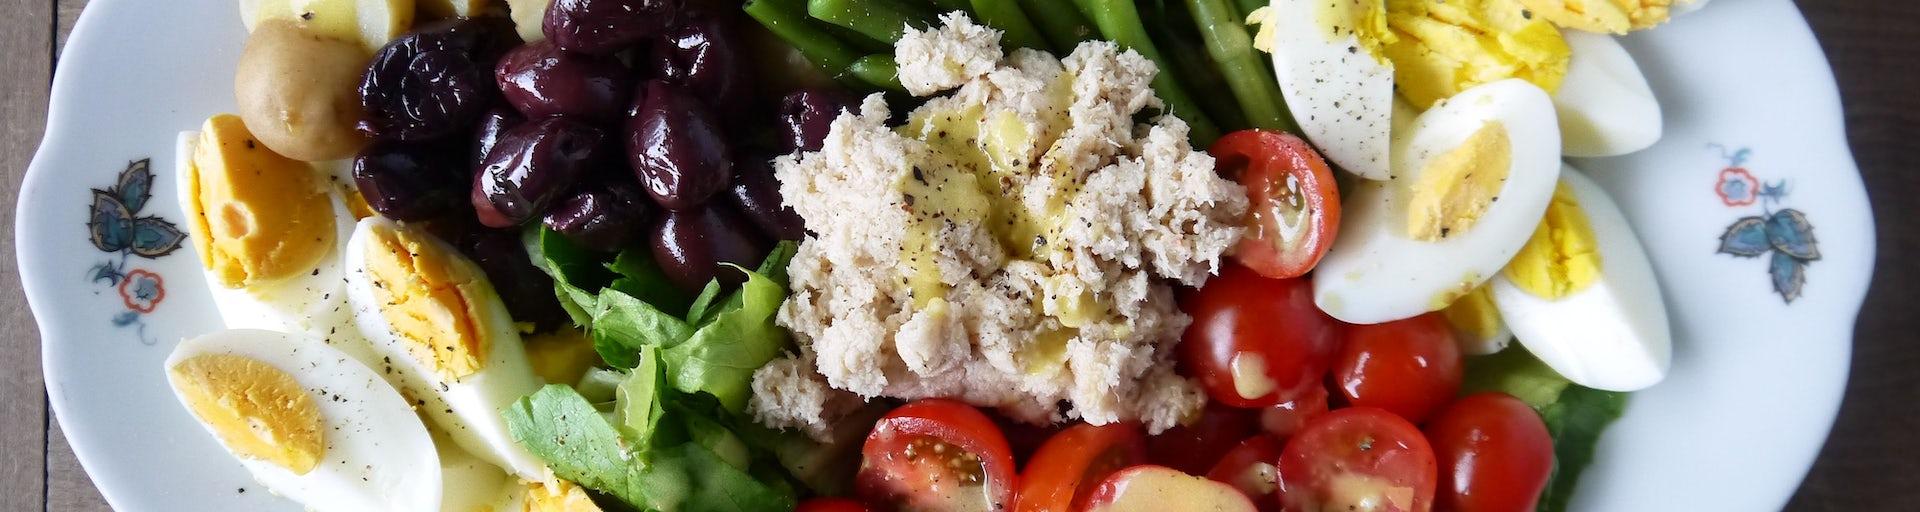 1681 Salade Nicoise Met Visvrije Tonijn